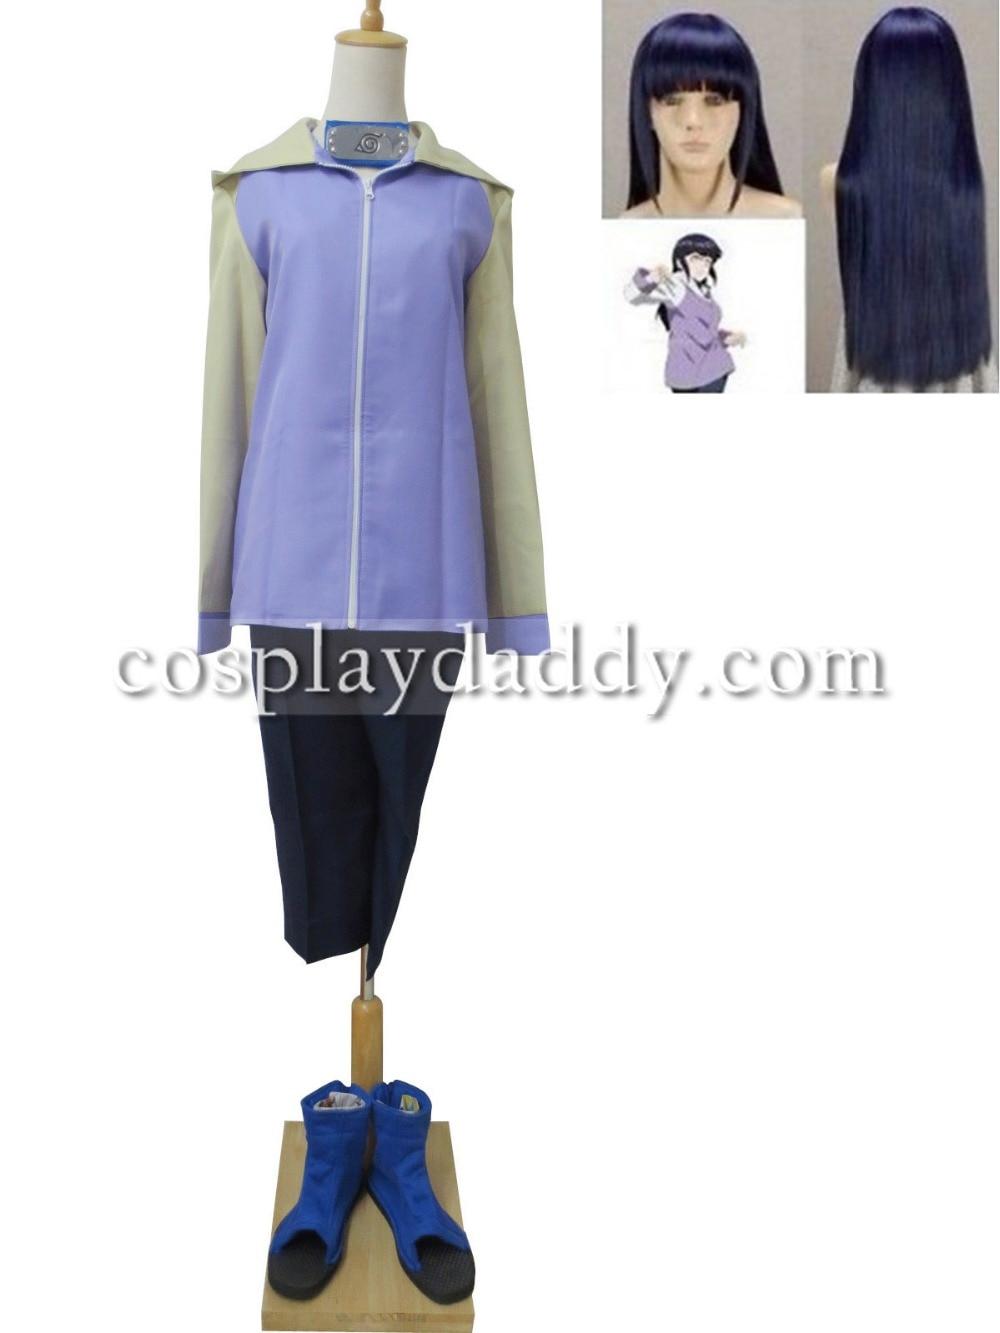 Naruto Shippuden Hinata Hyuga Cosplay Costume Outfit+Wig+bag+shoes+Prop+headband